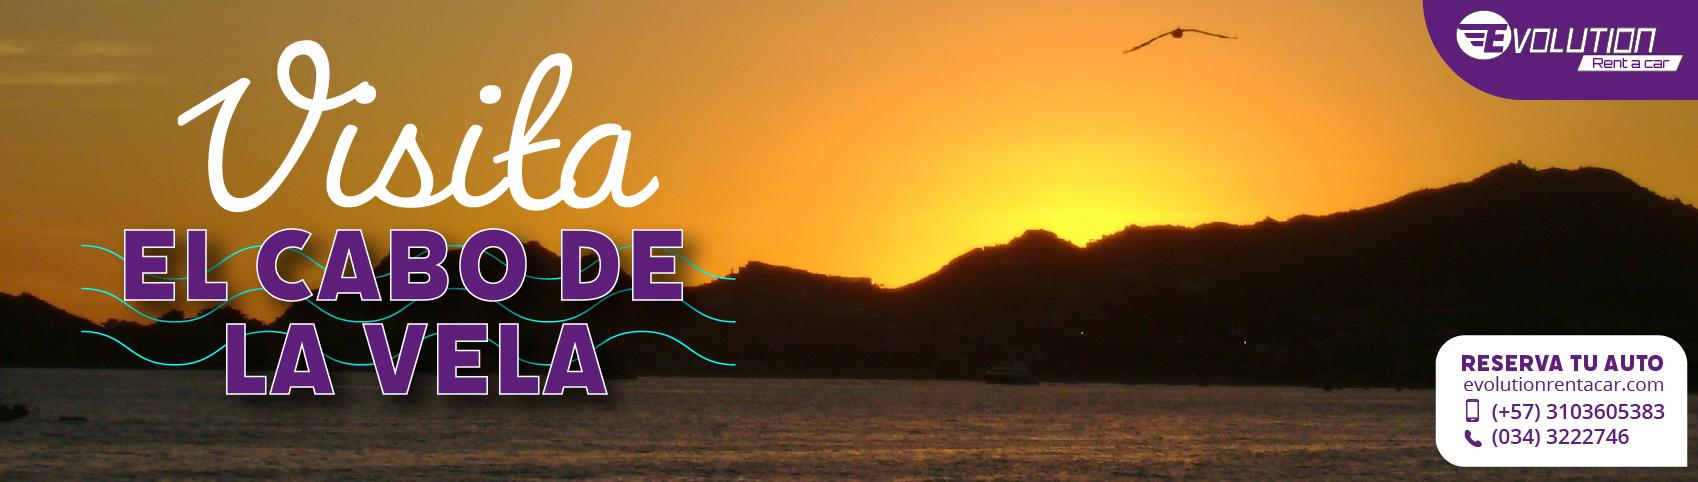 Cabo de la Vela – Alquiler de Camionetas 4X4 en Santa Marta